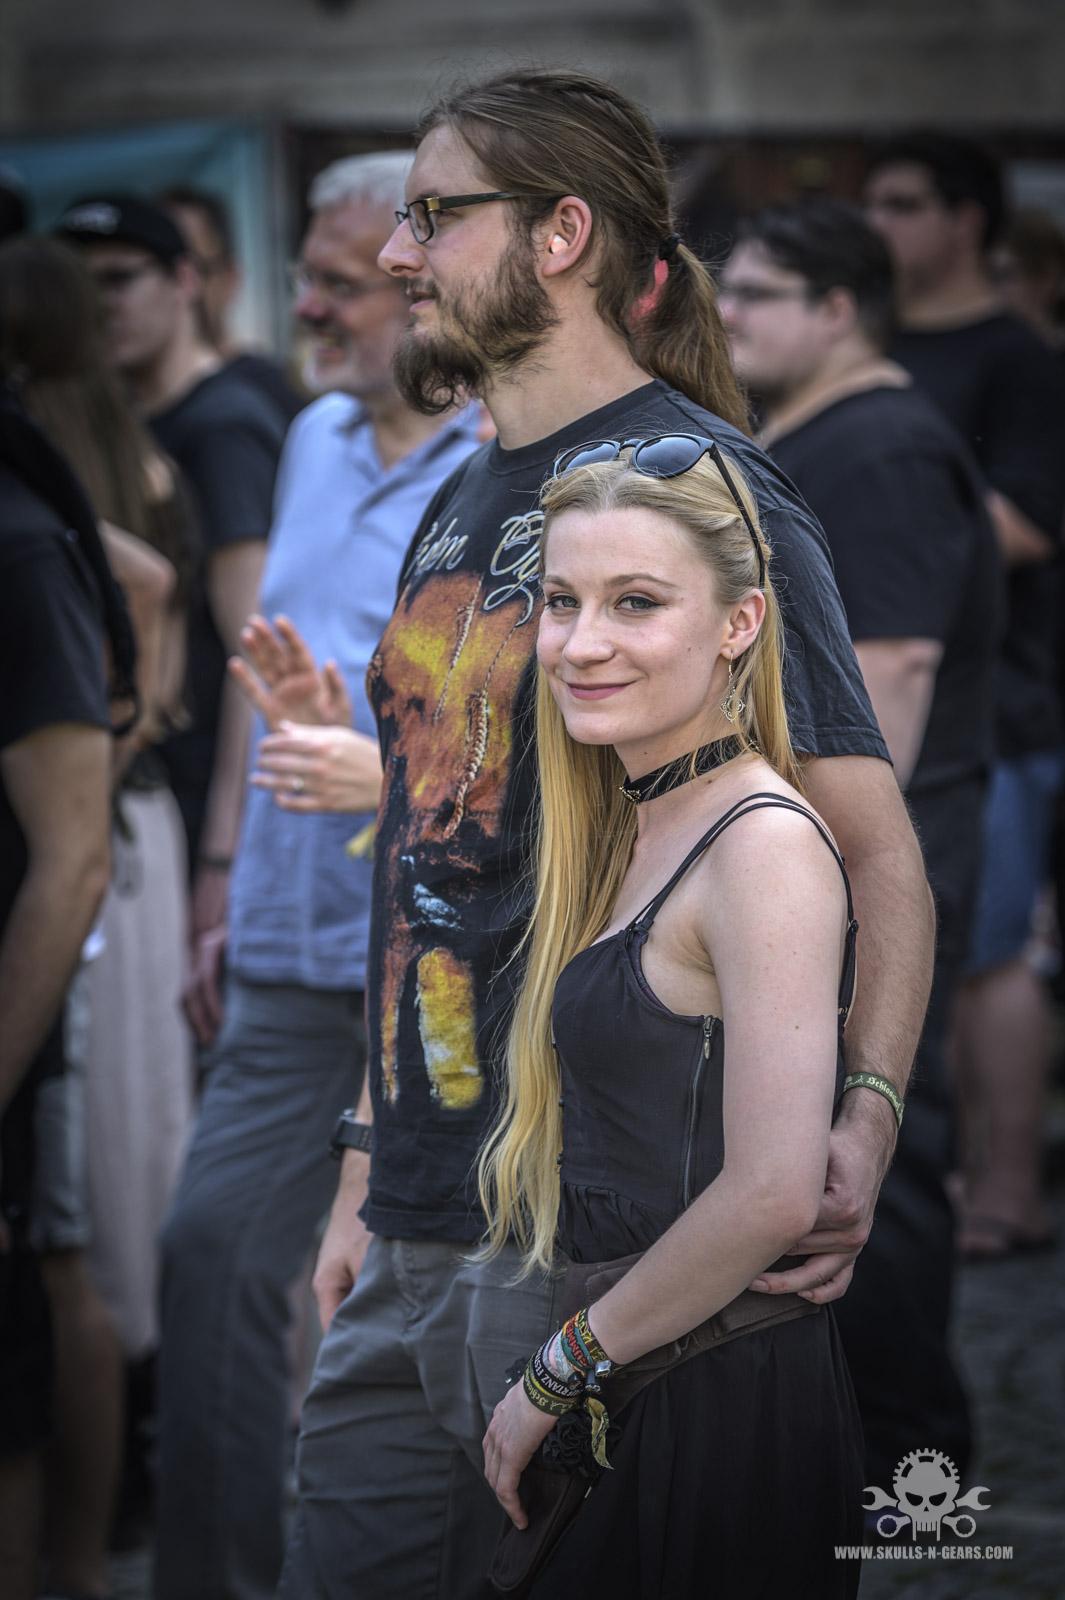 Schlosshof Festival - Besucher-38